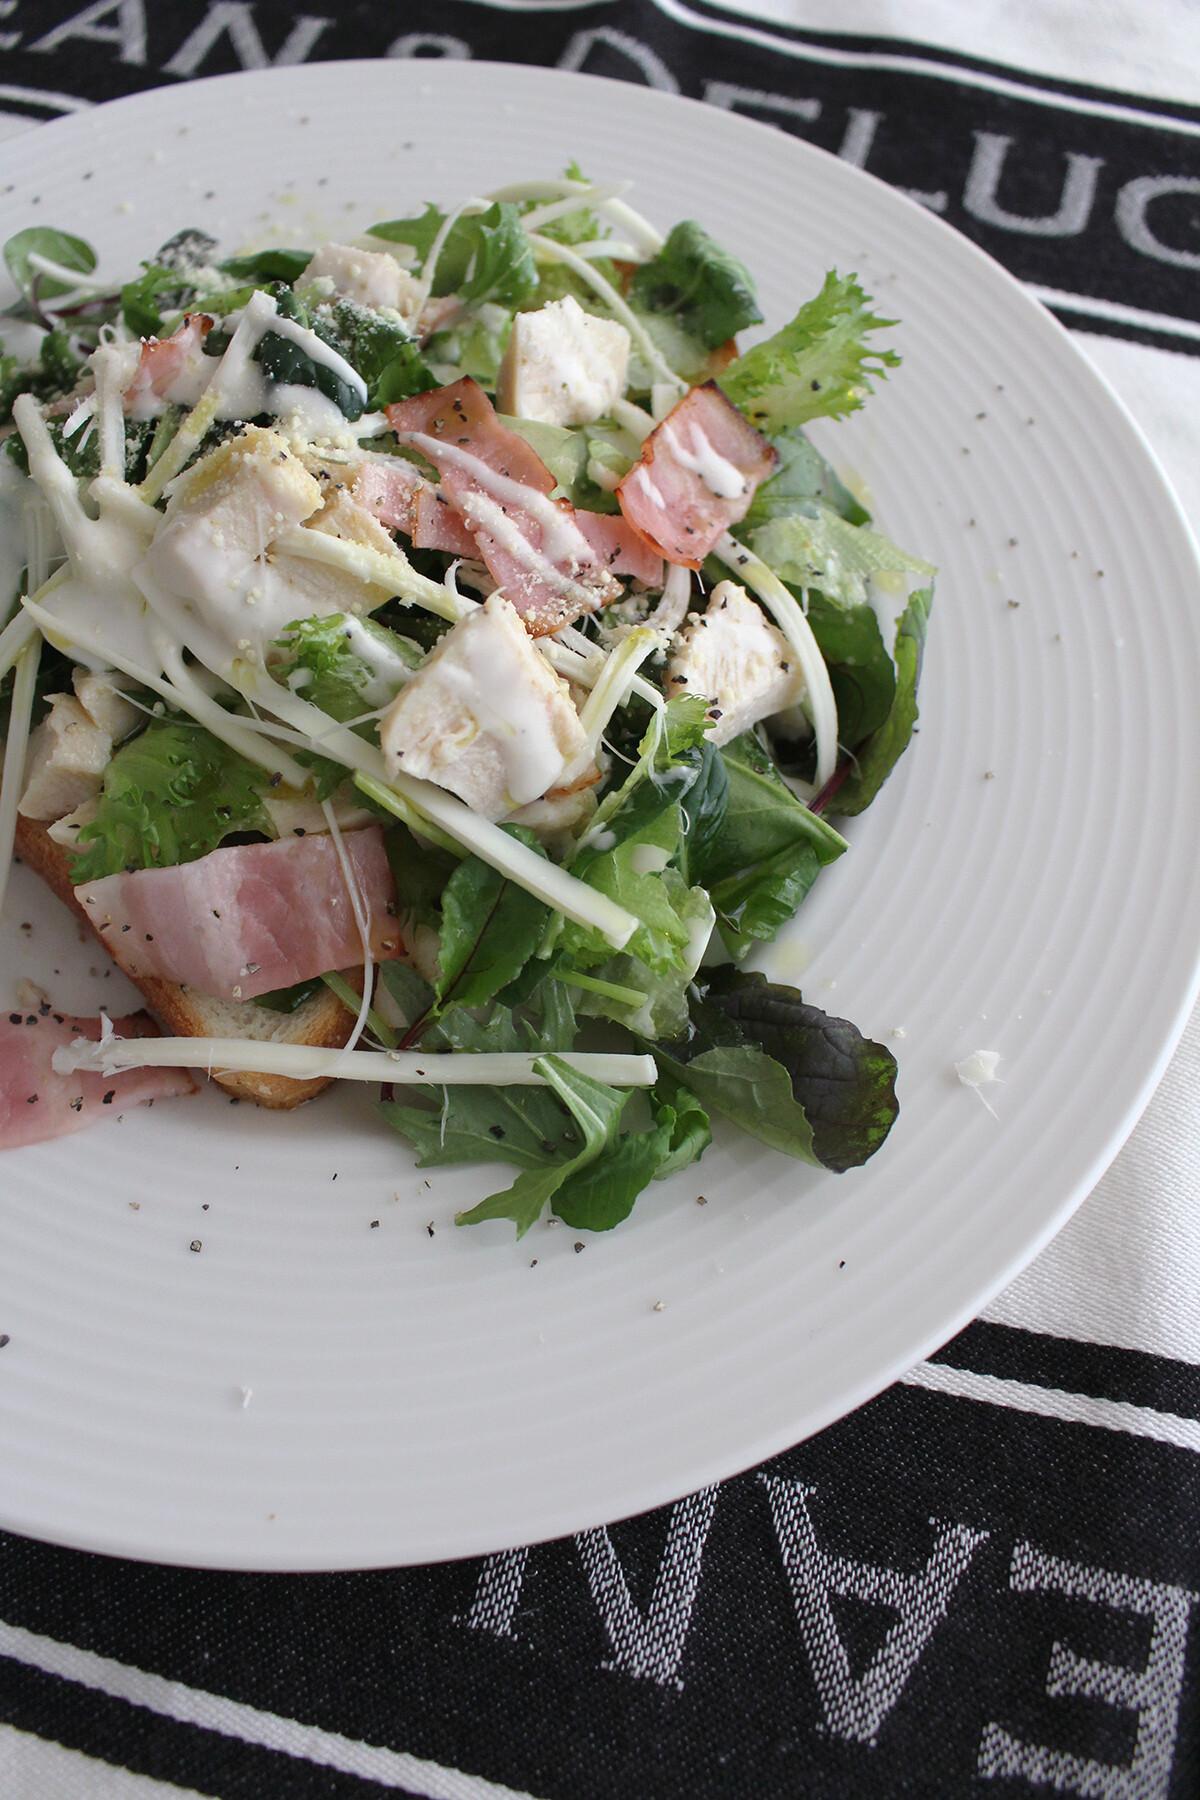 cuisine_0022-a